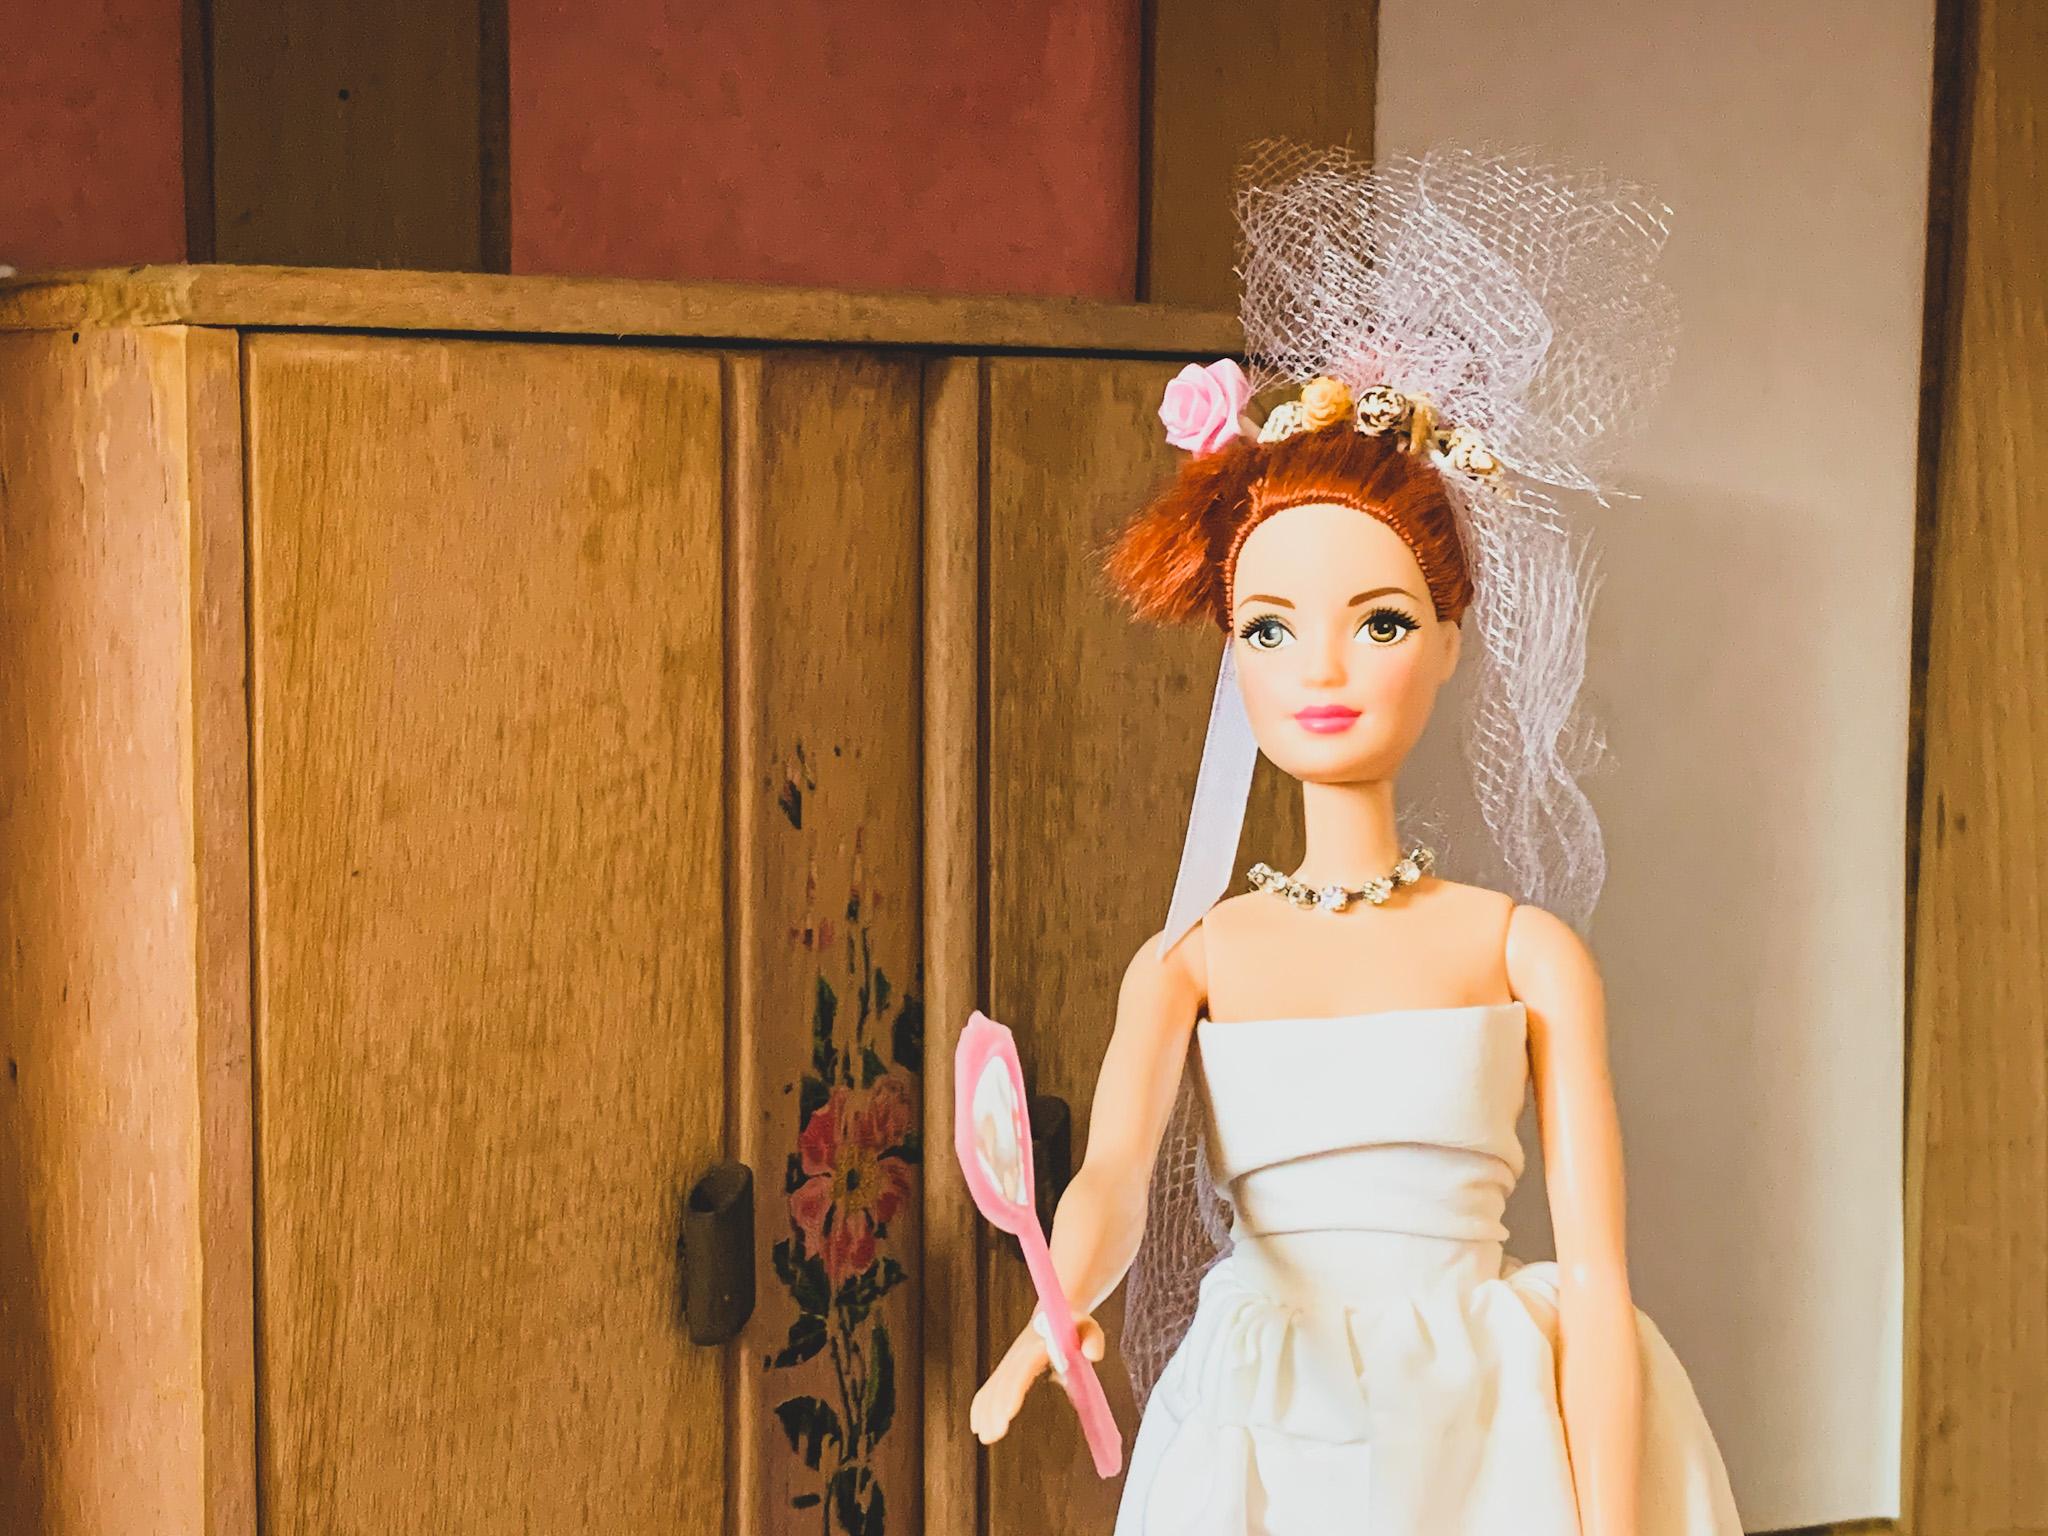 Le mariage de Barbie et Ken : les préparatifs - © Jolies Cérémonies